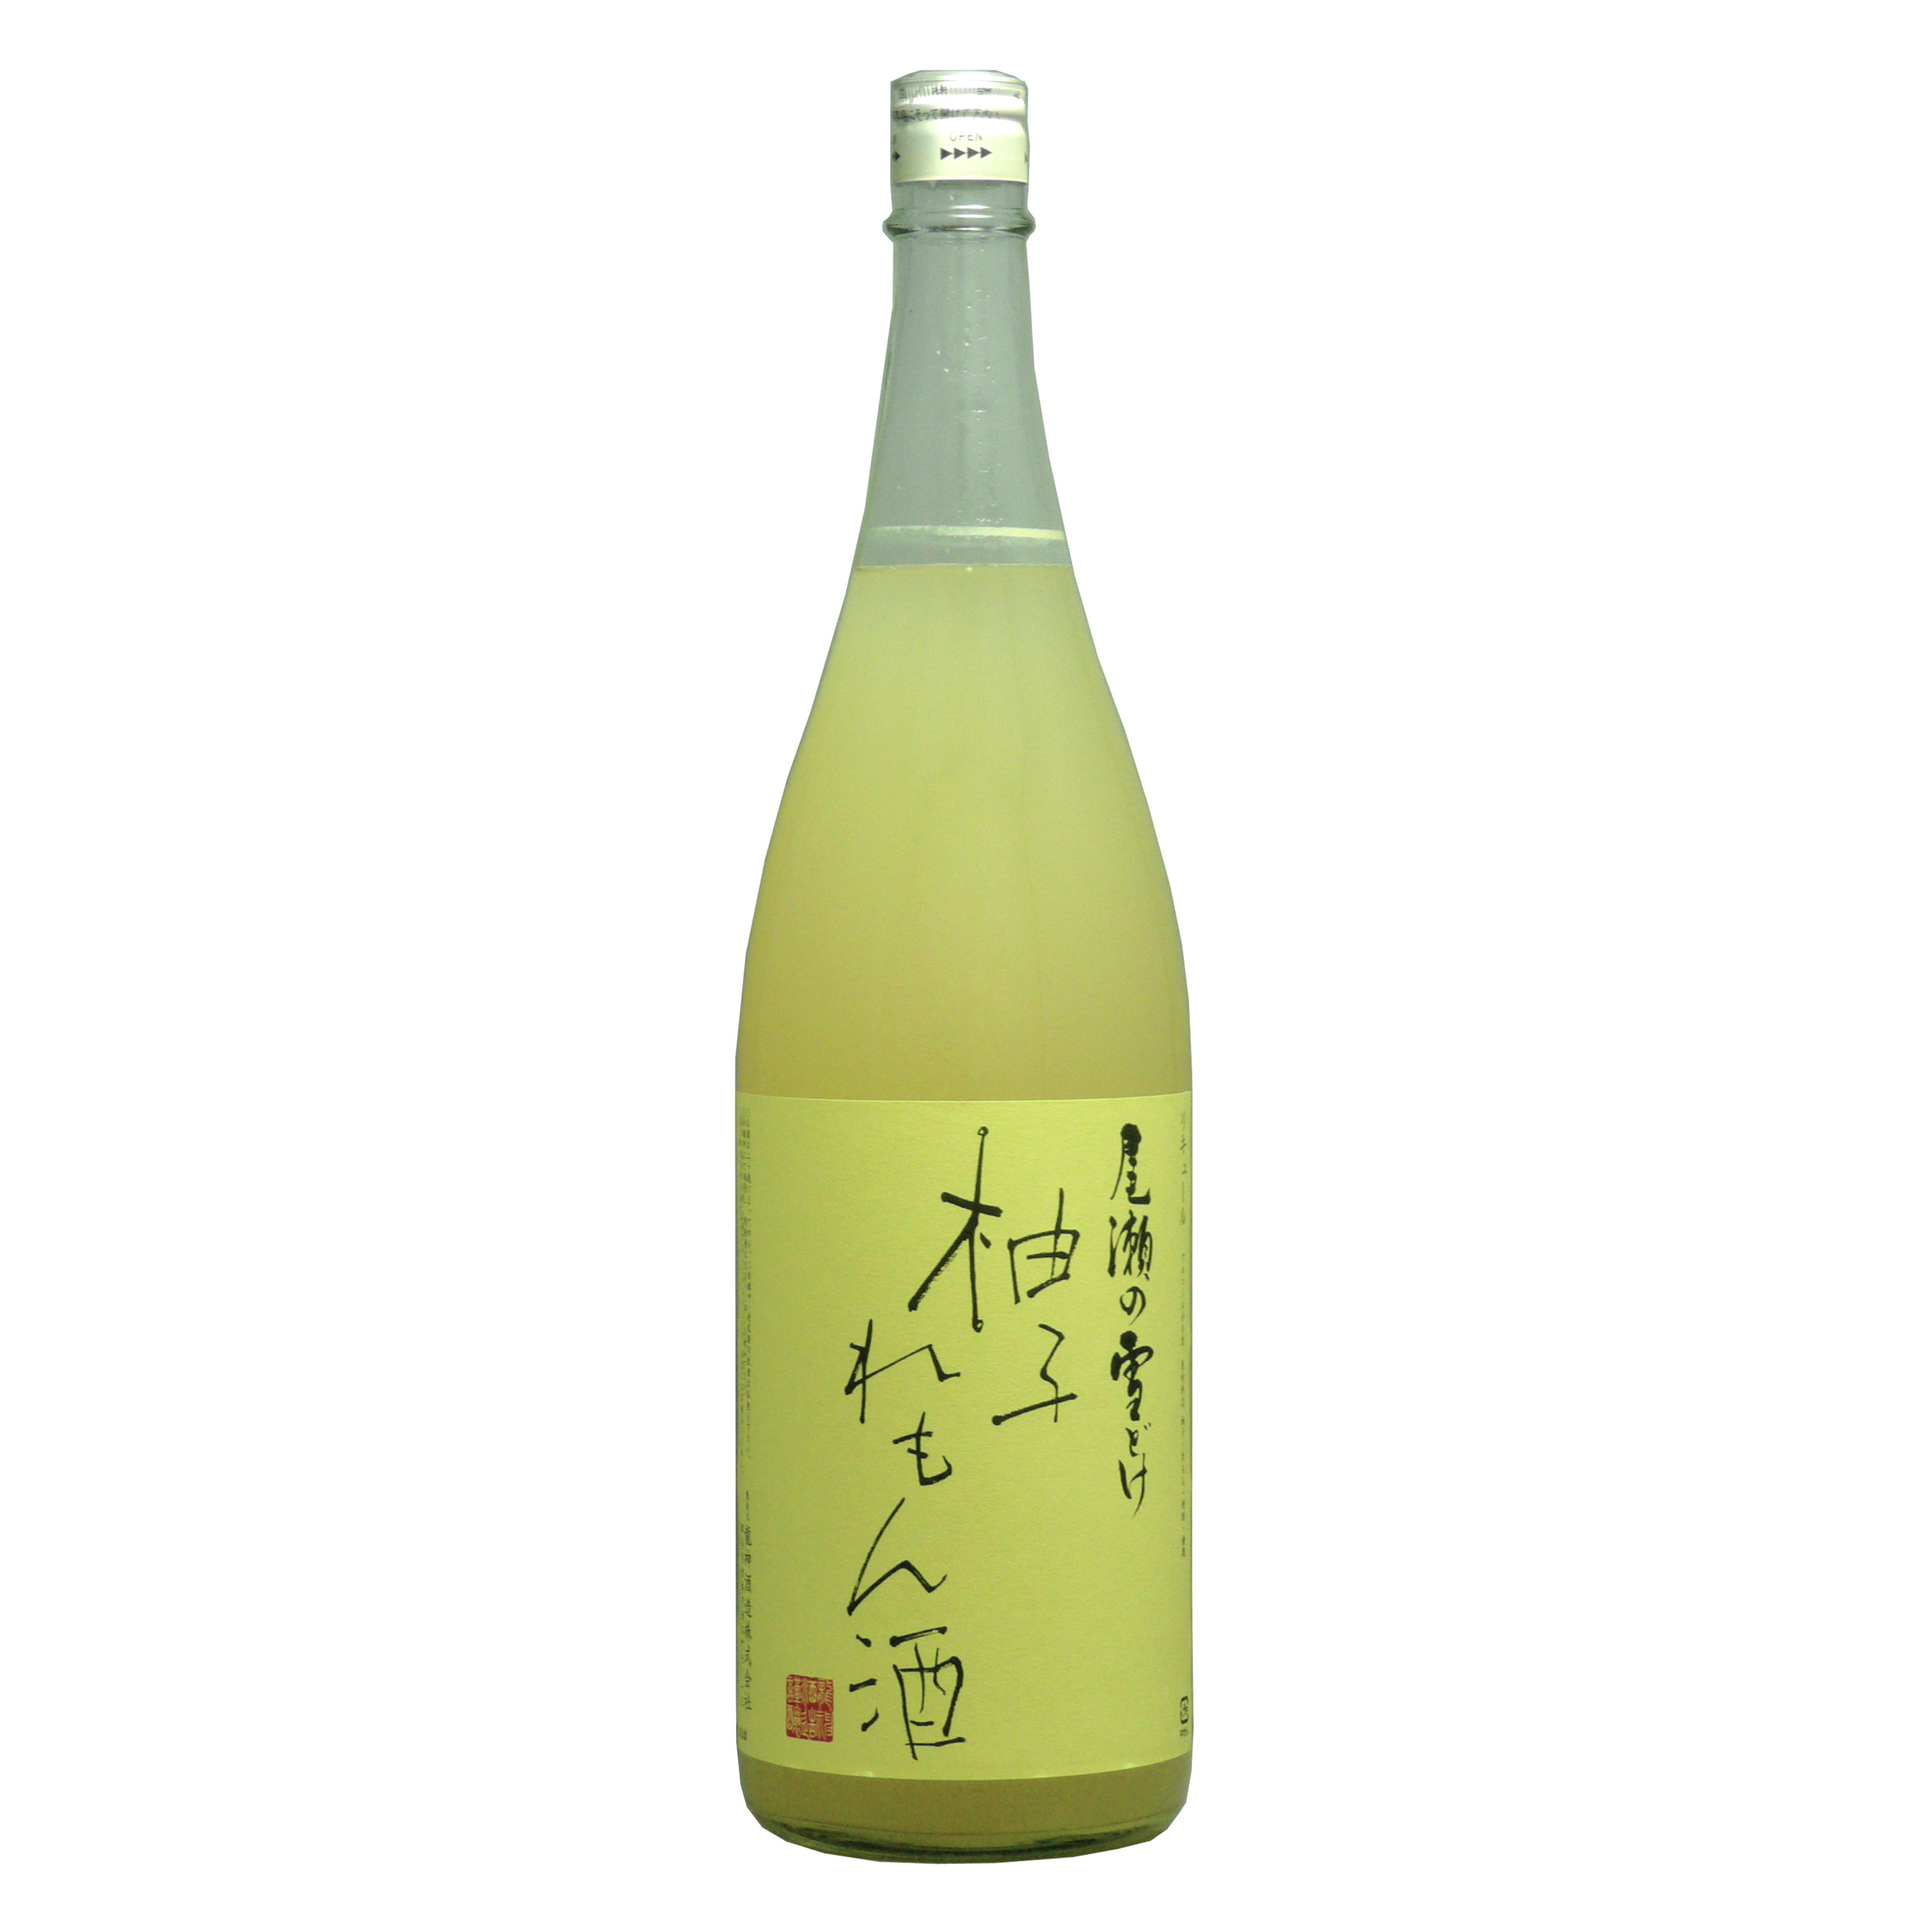 尾瀬の雪どけ 柚子レモン酒